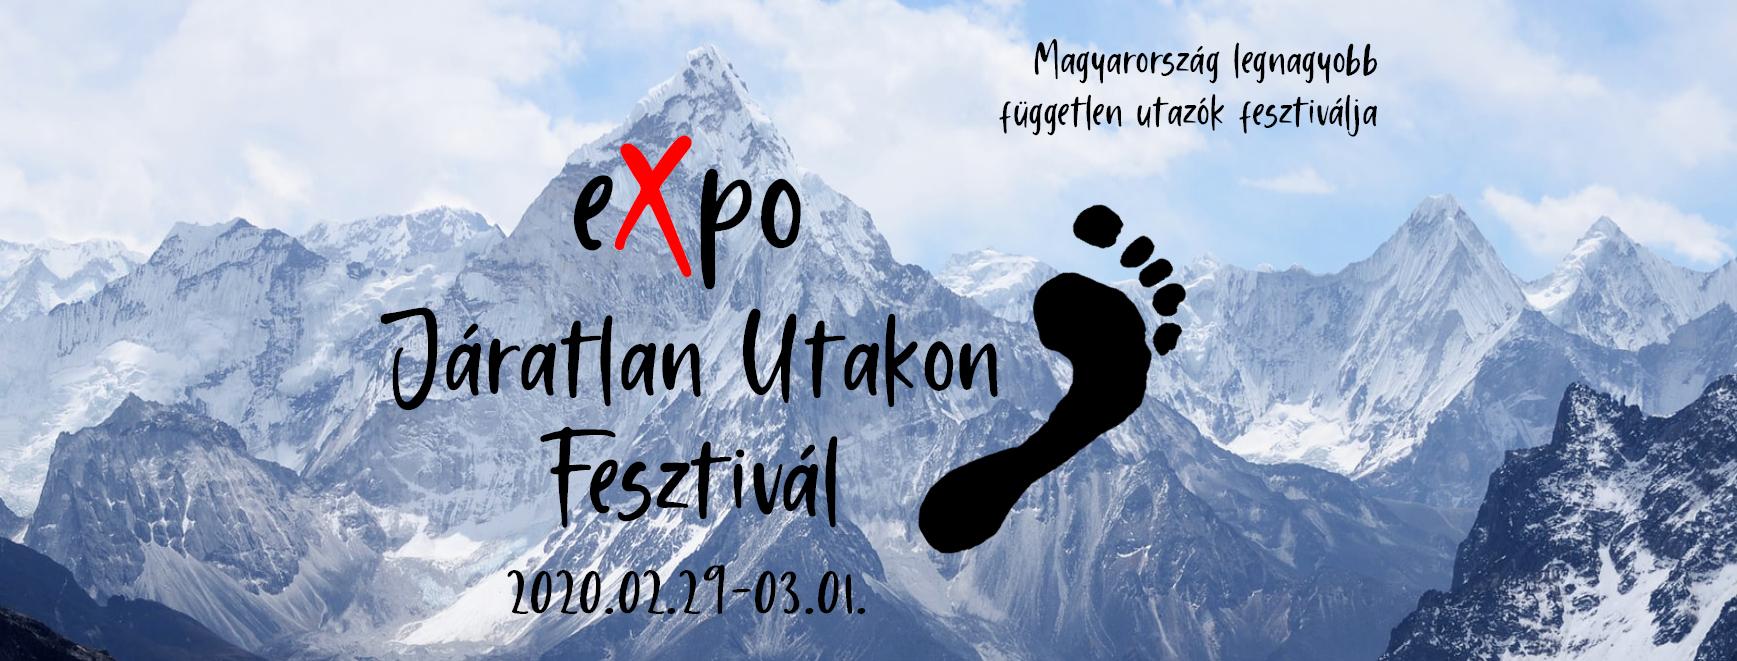 fesztivál expo